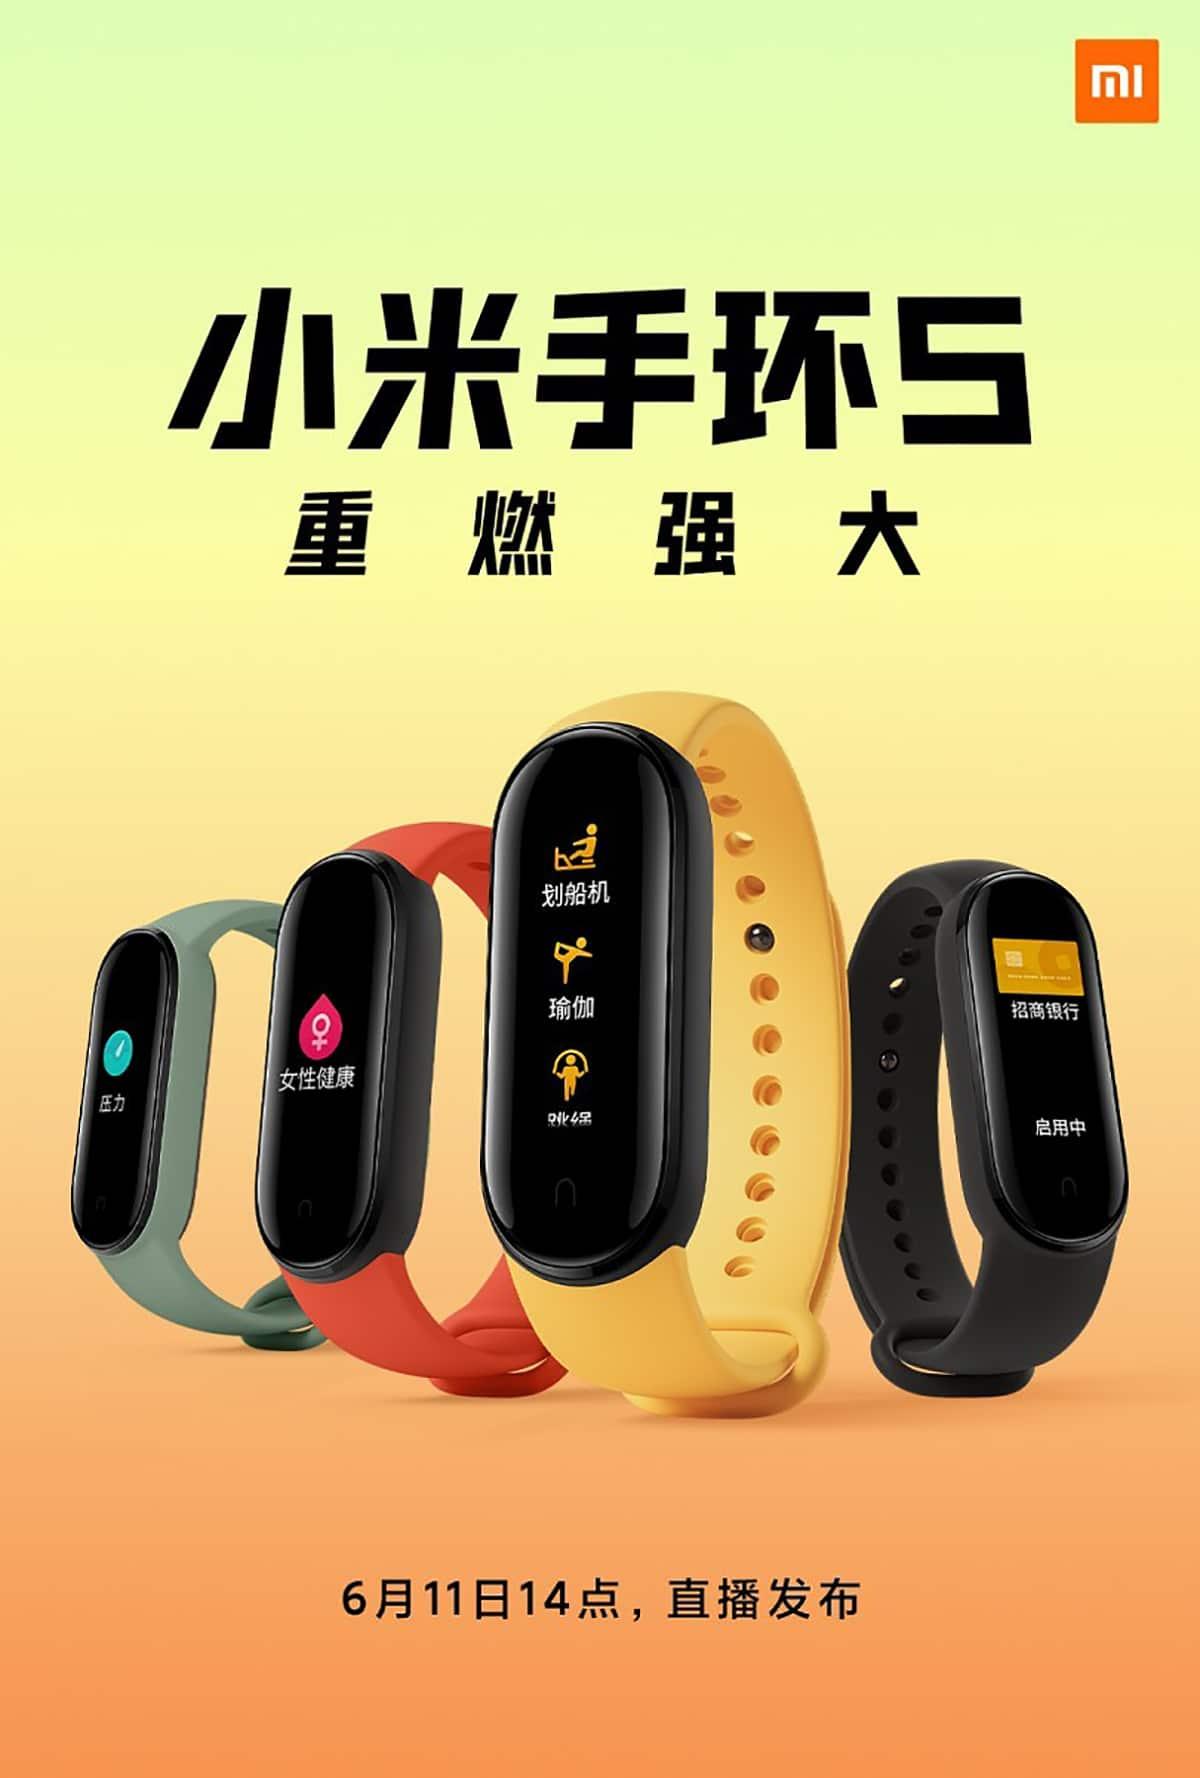 Mi Band 5 de Xiaomi